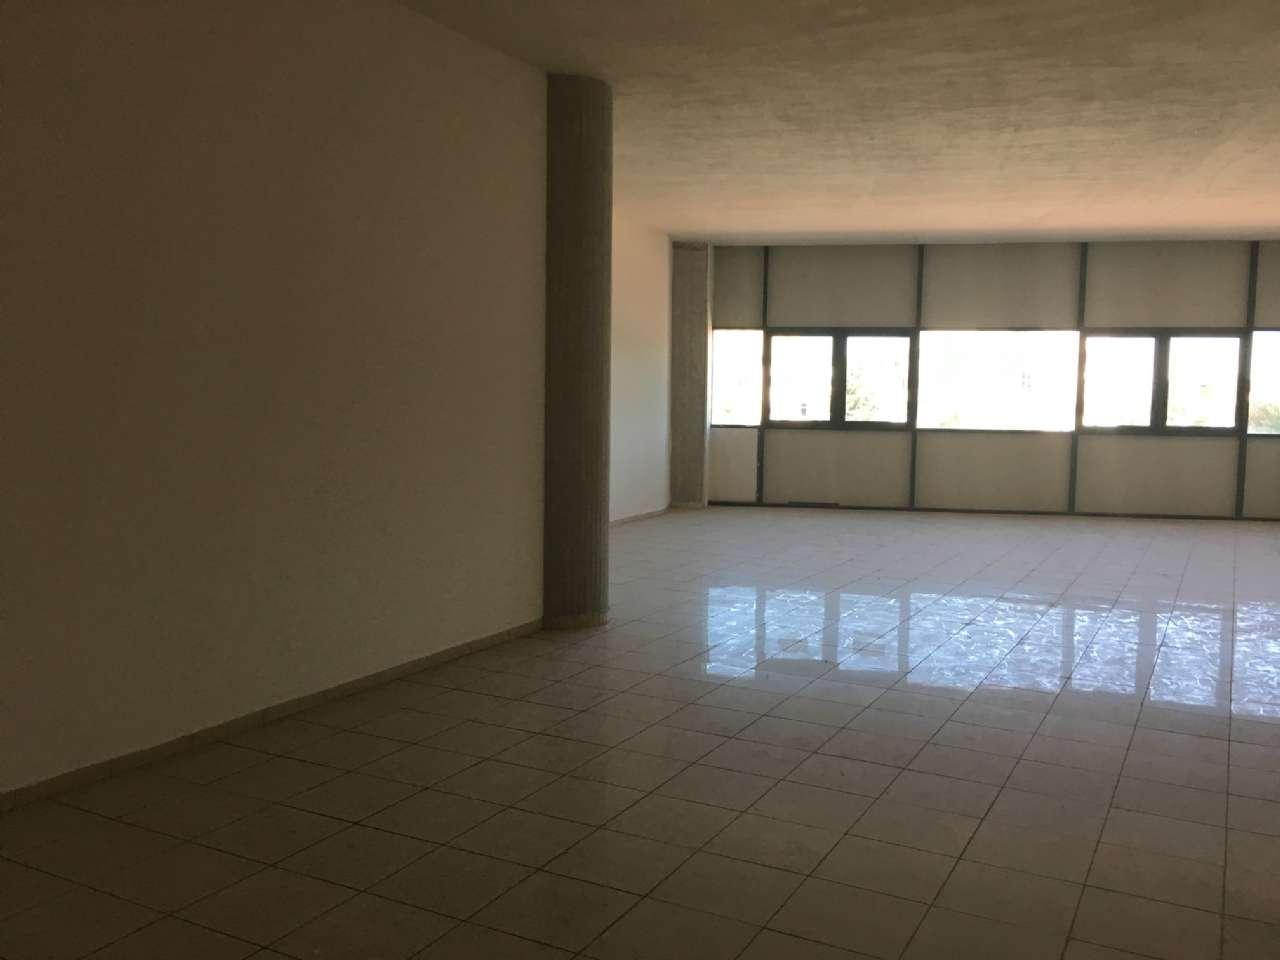 Ufficio / Studio in affitto a Campobasso, 9999 locali, prezzo € 1.000 | CambioCasa.it